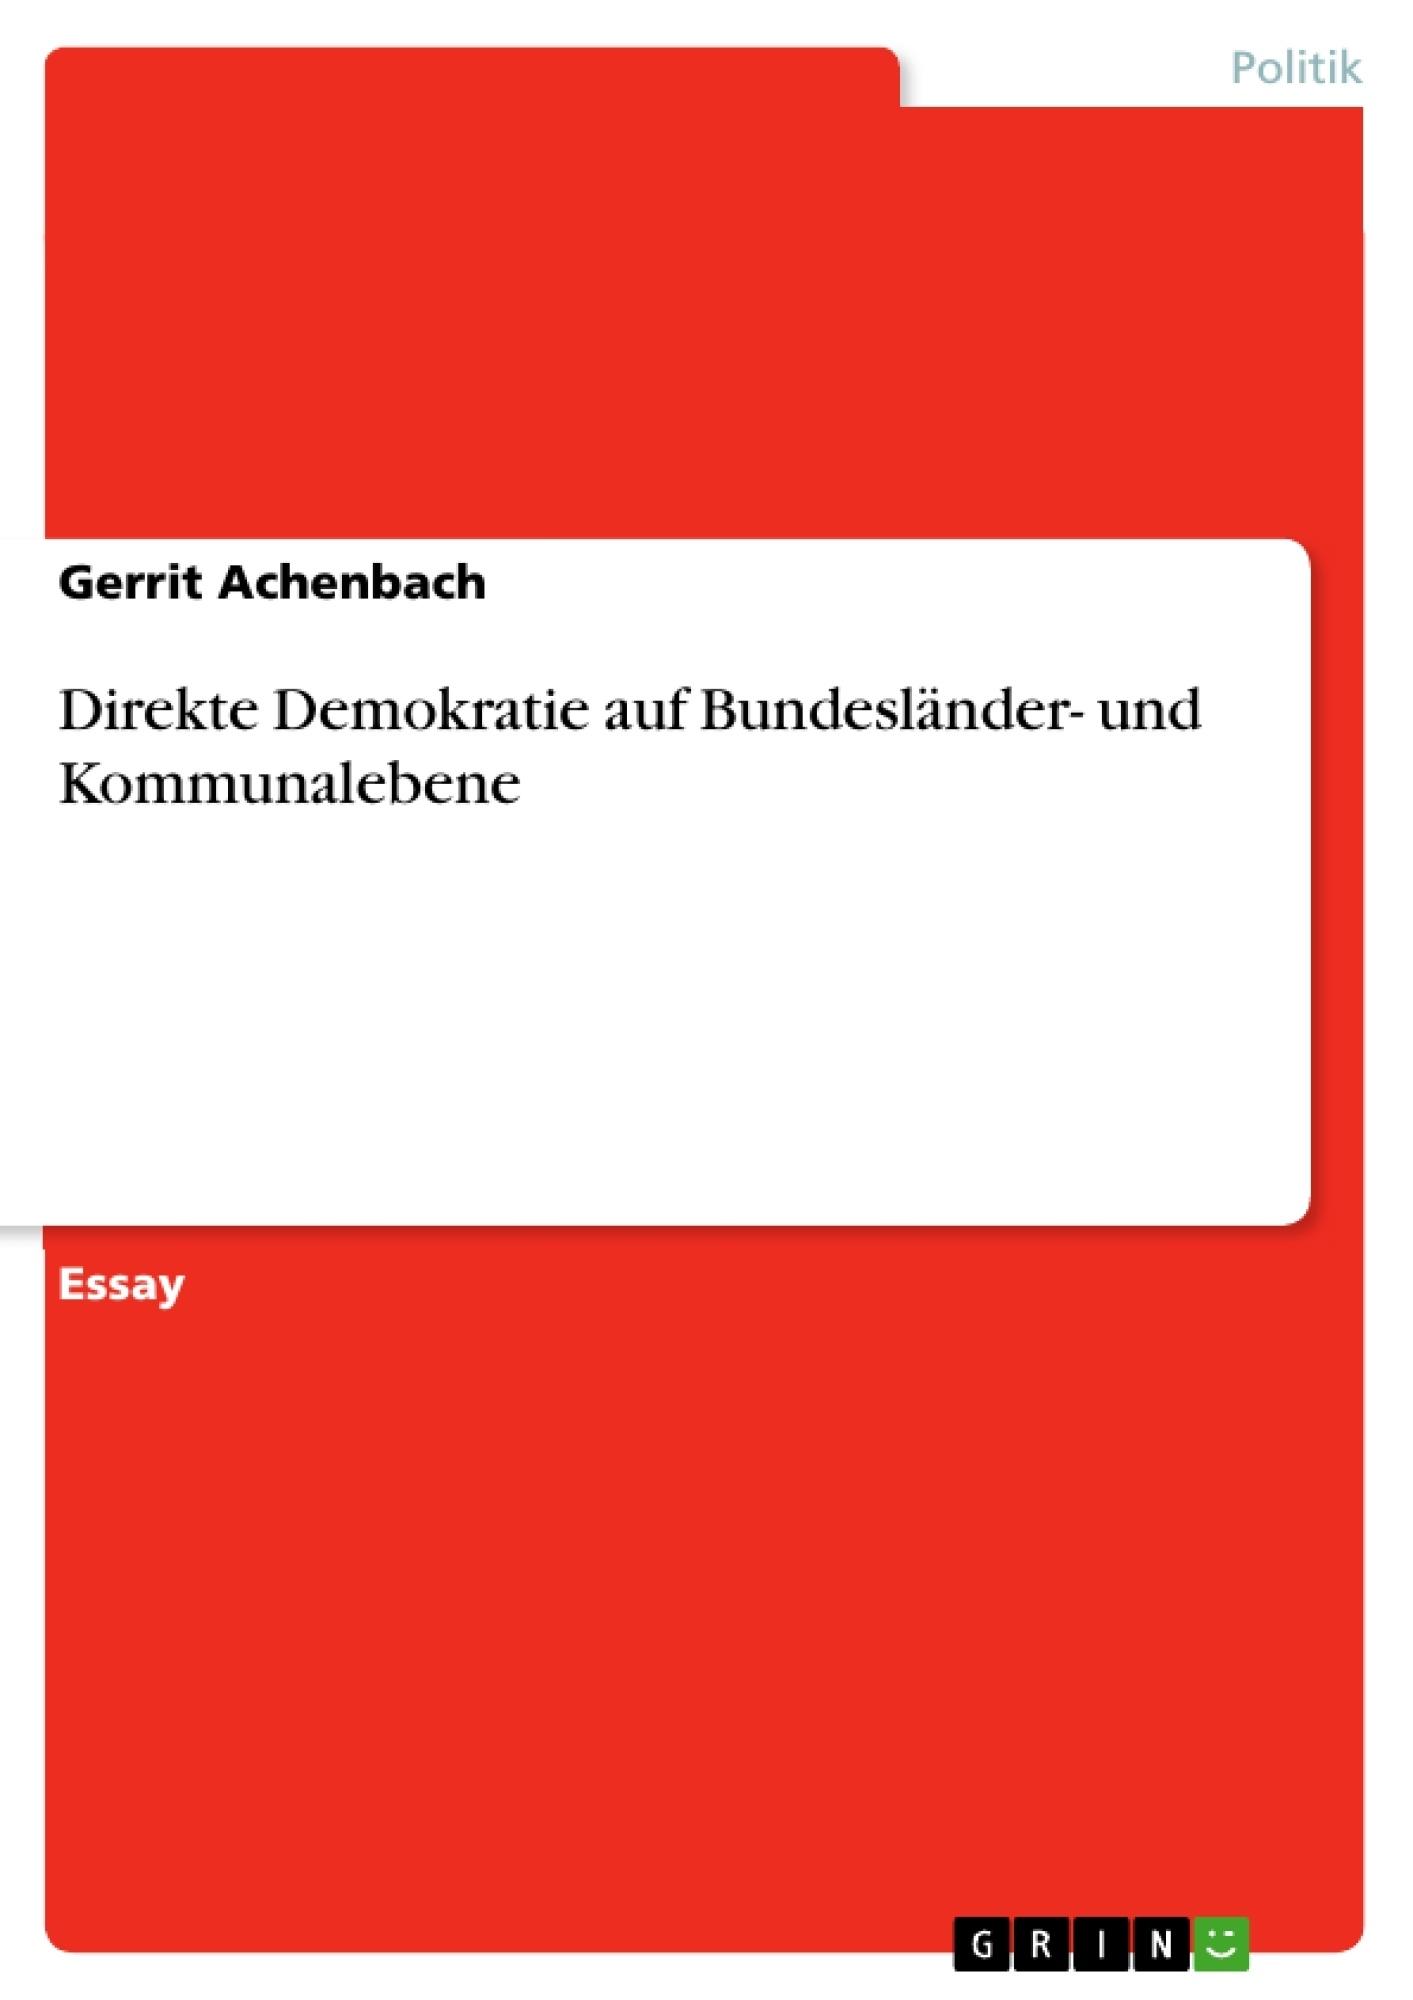 Titel: Direkte Demokratie auf Bundesländer- und Kommunalebene